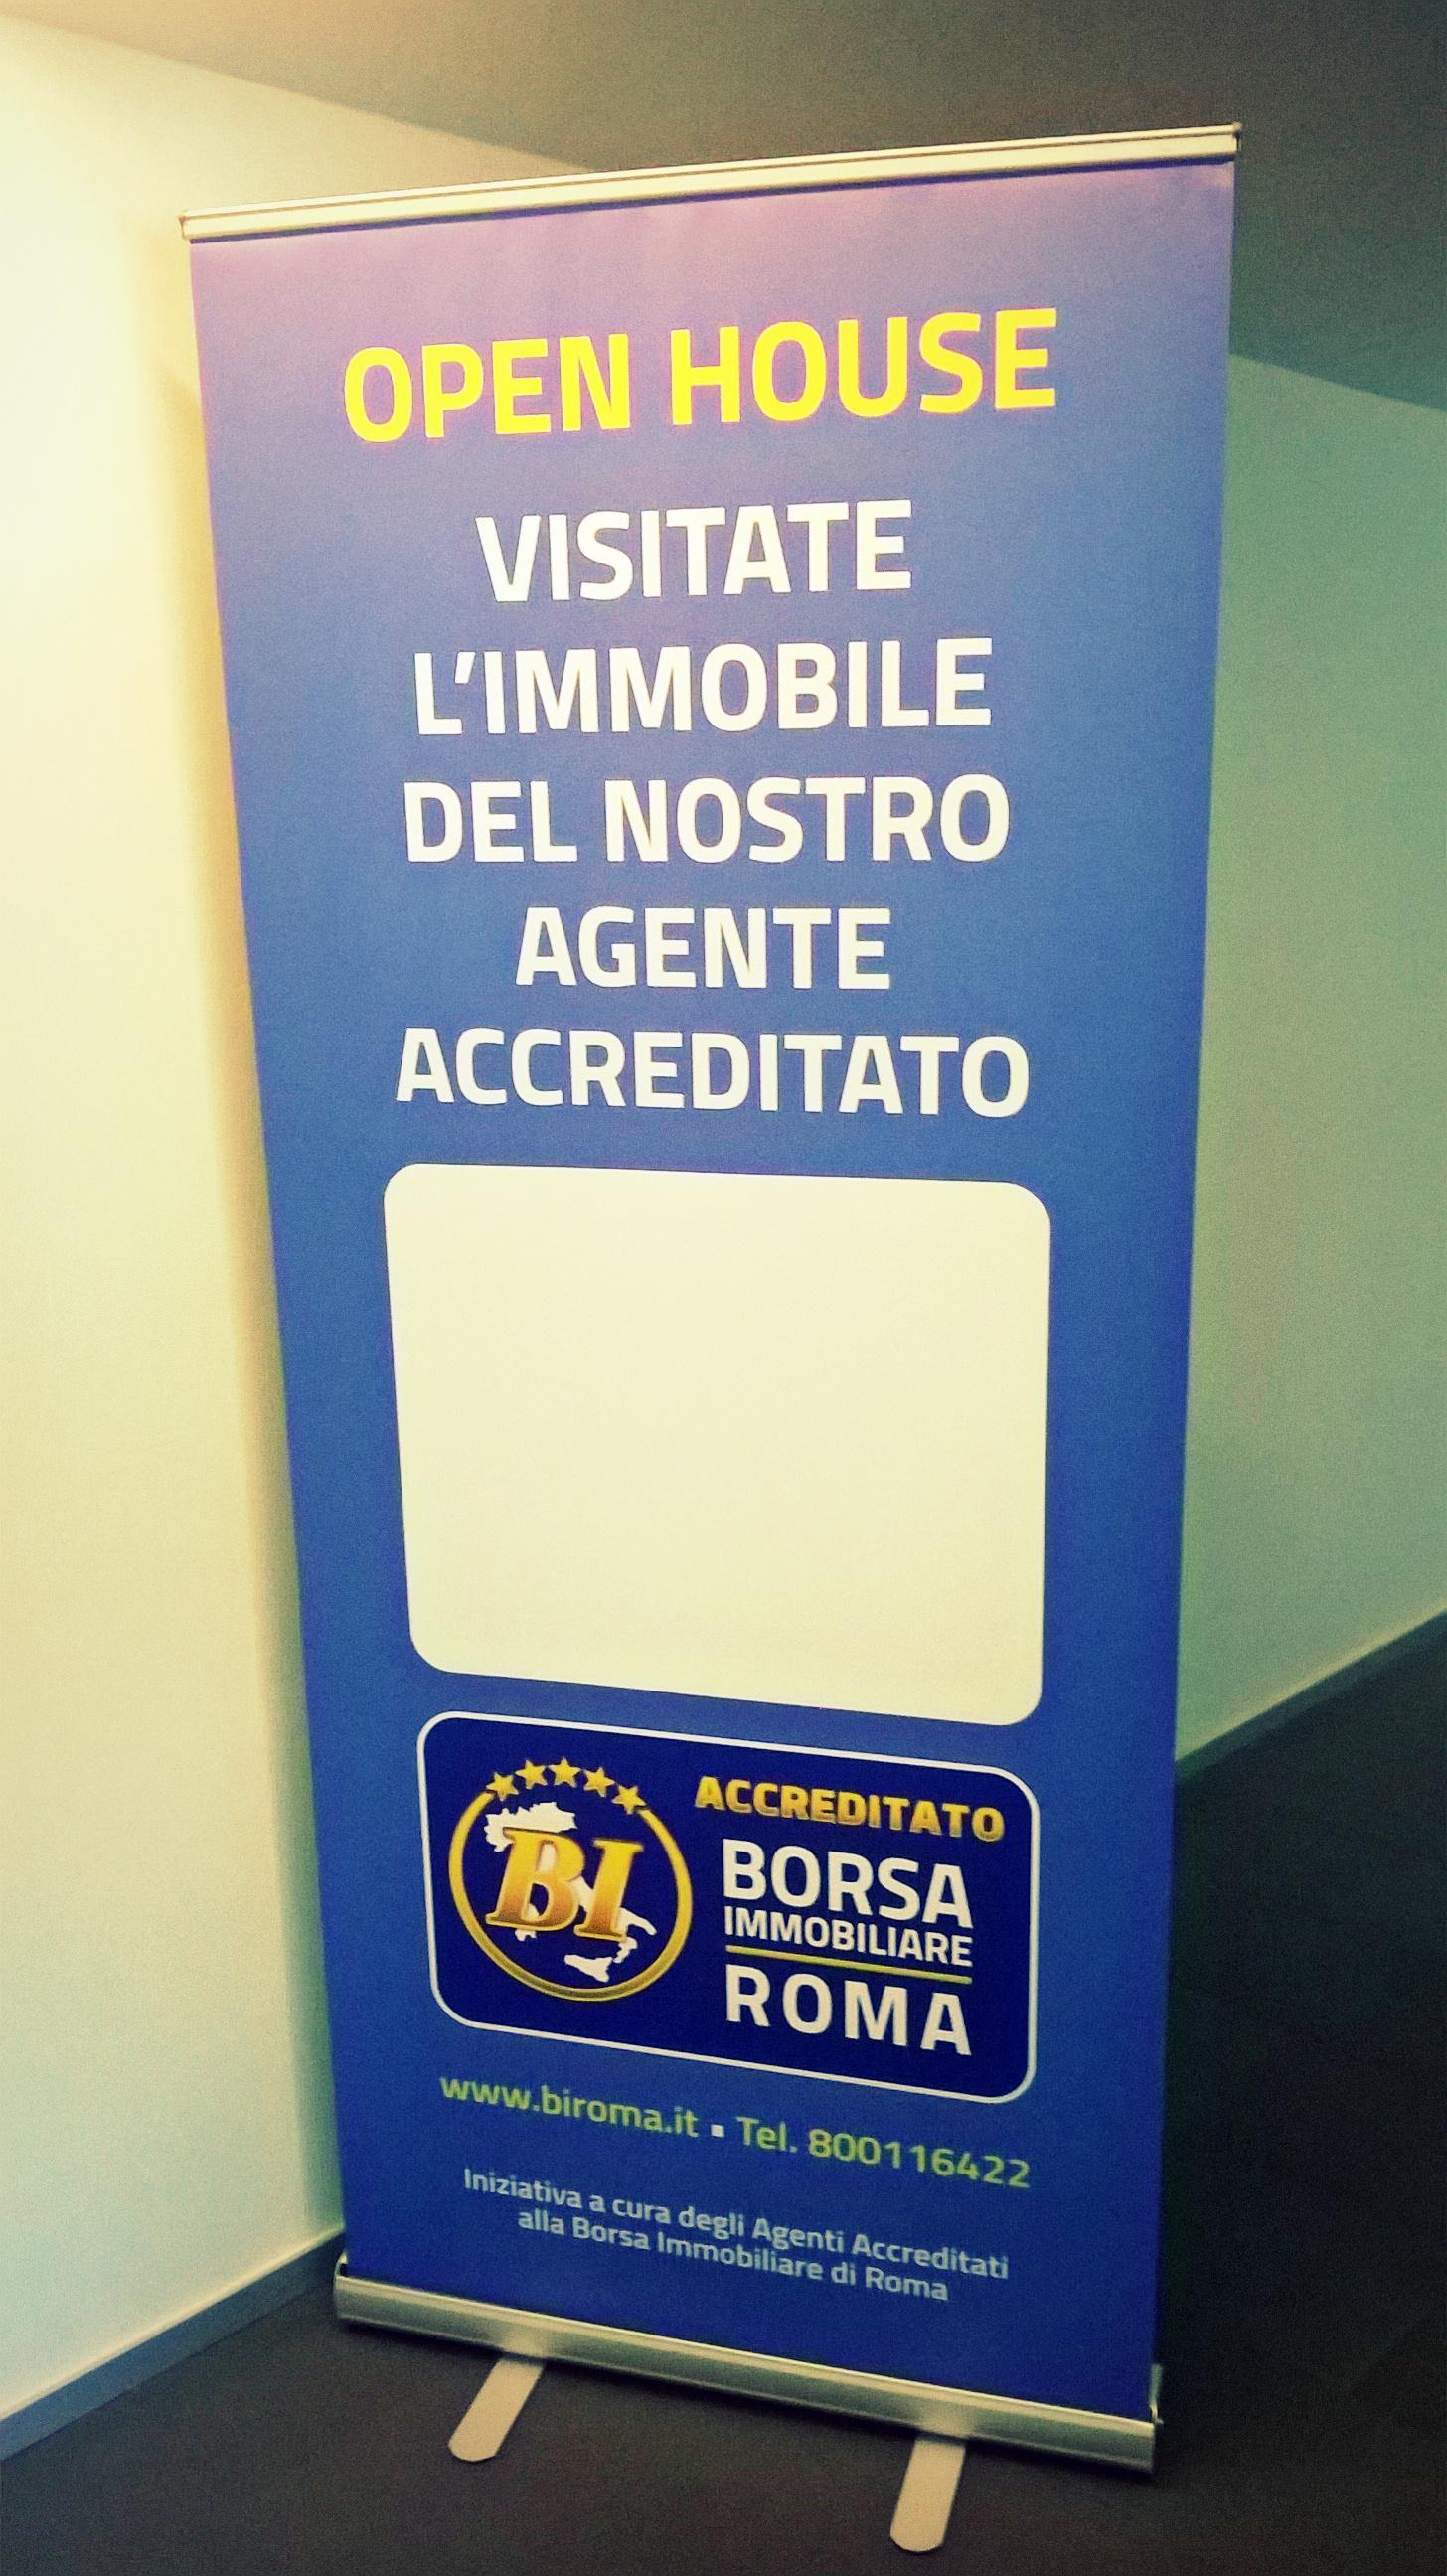 Servizi Per Agenti Immobiliari open house - borsa immobiliare di roma